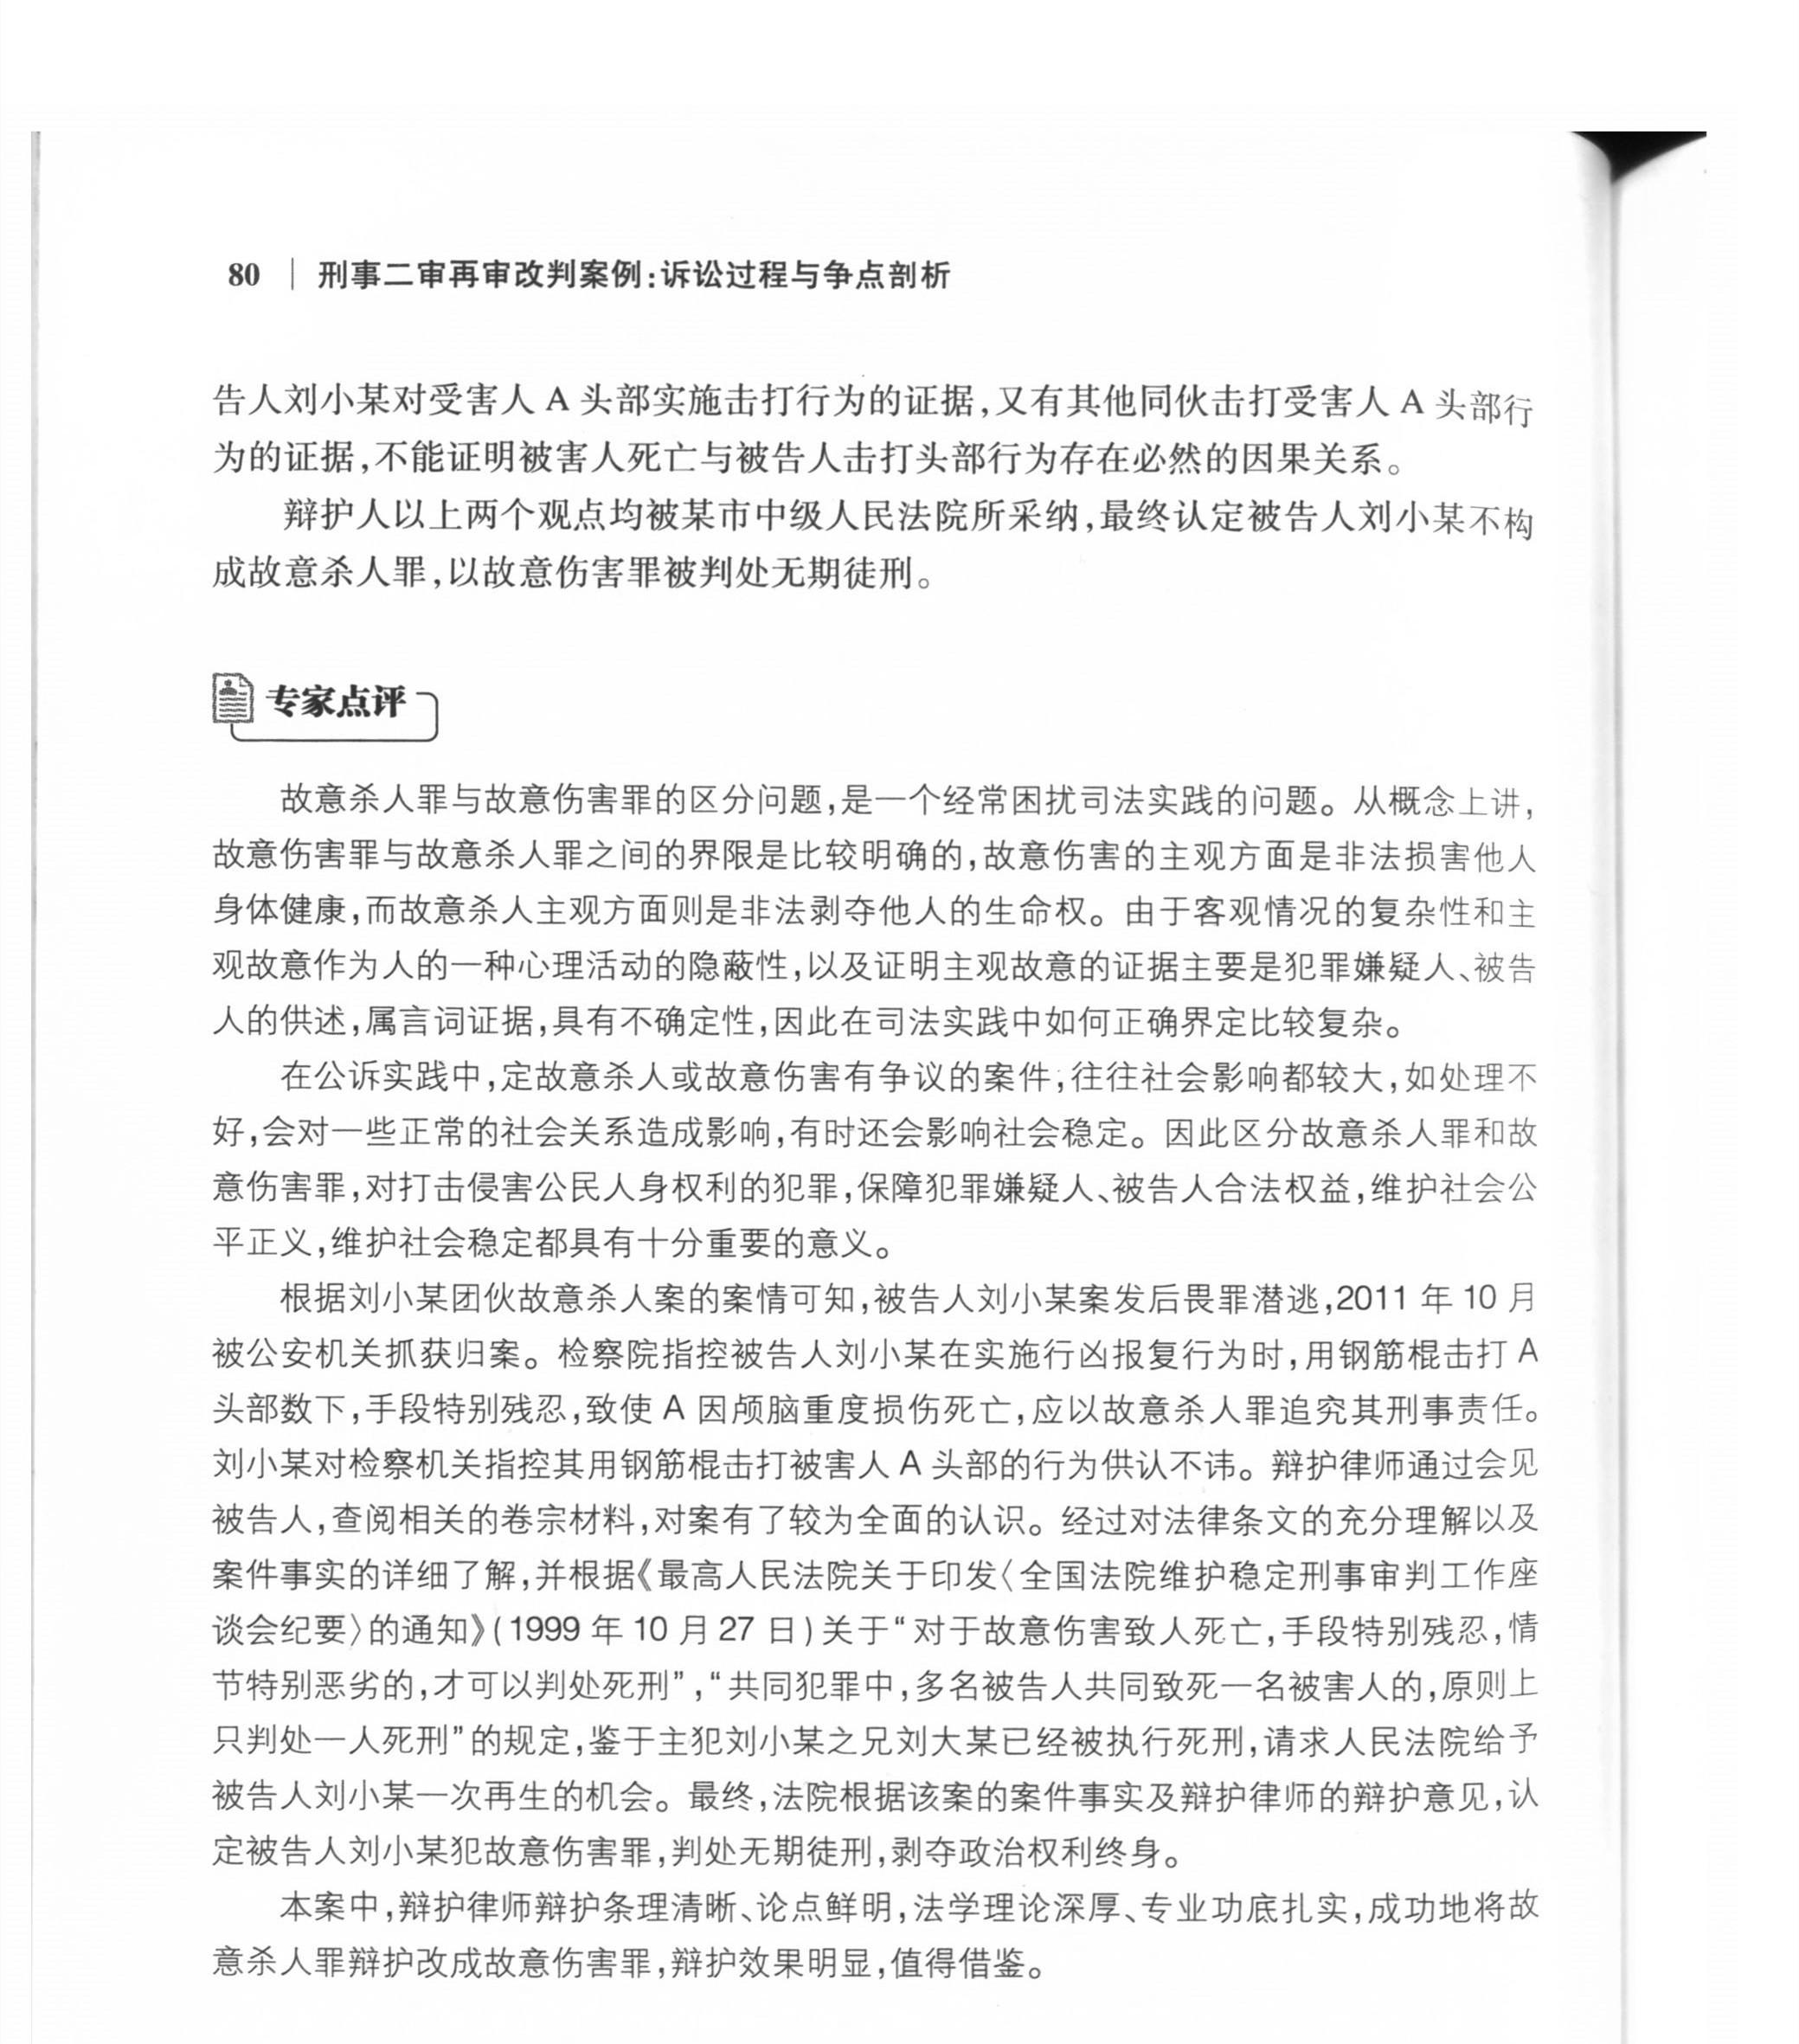 刘小某故意杀人案成功改判(图13)